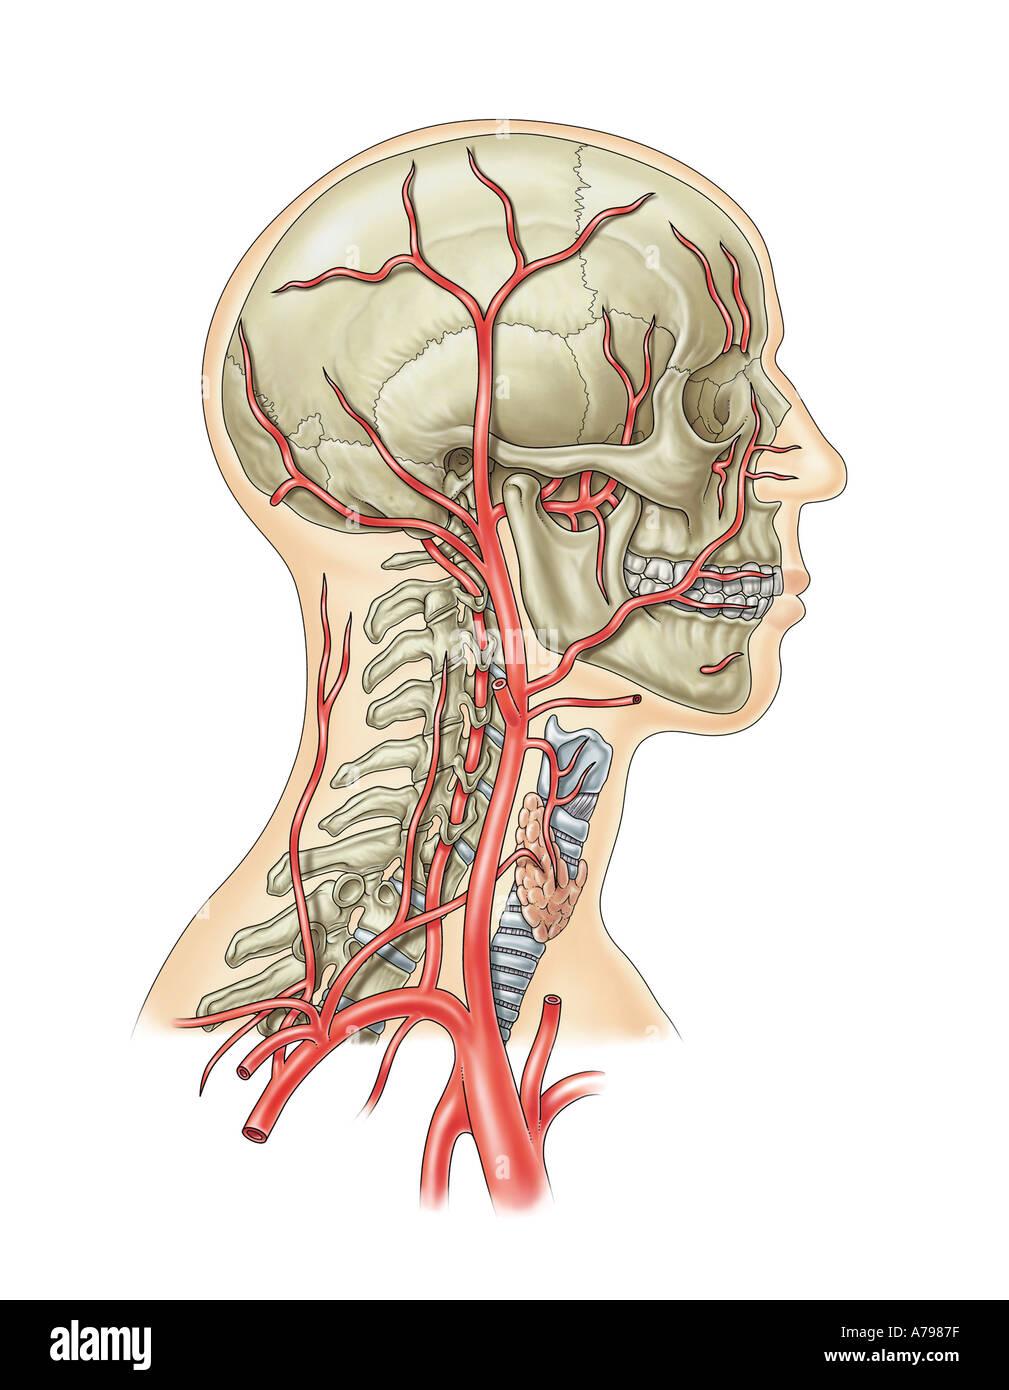 Schön Arterien Des Halses Und Des Kopfes Galerie - Anatomie Von ...